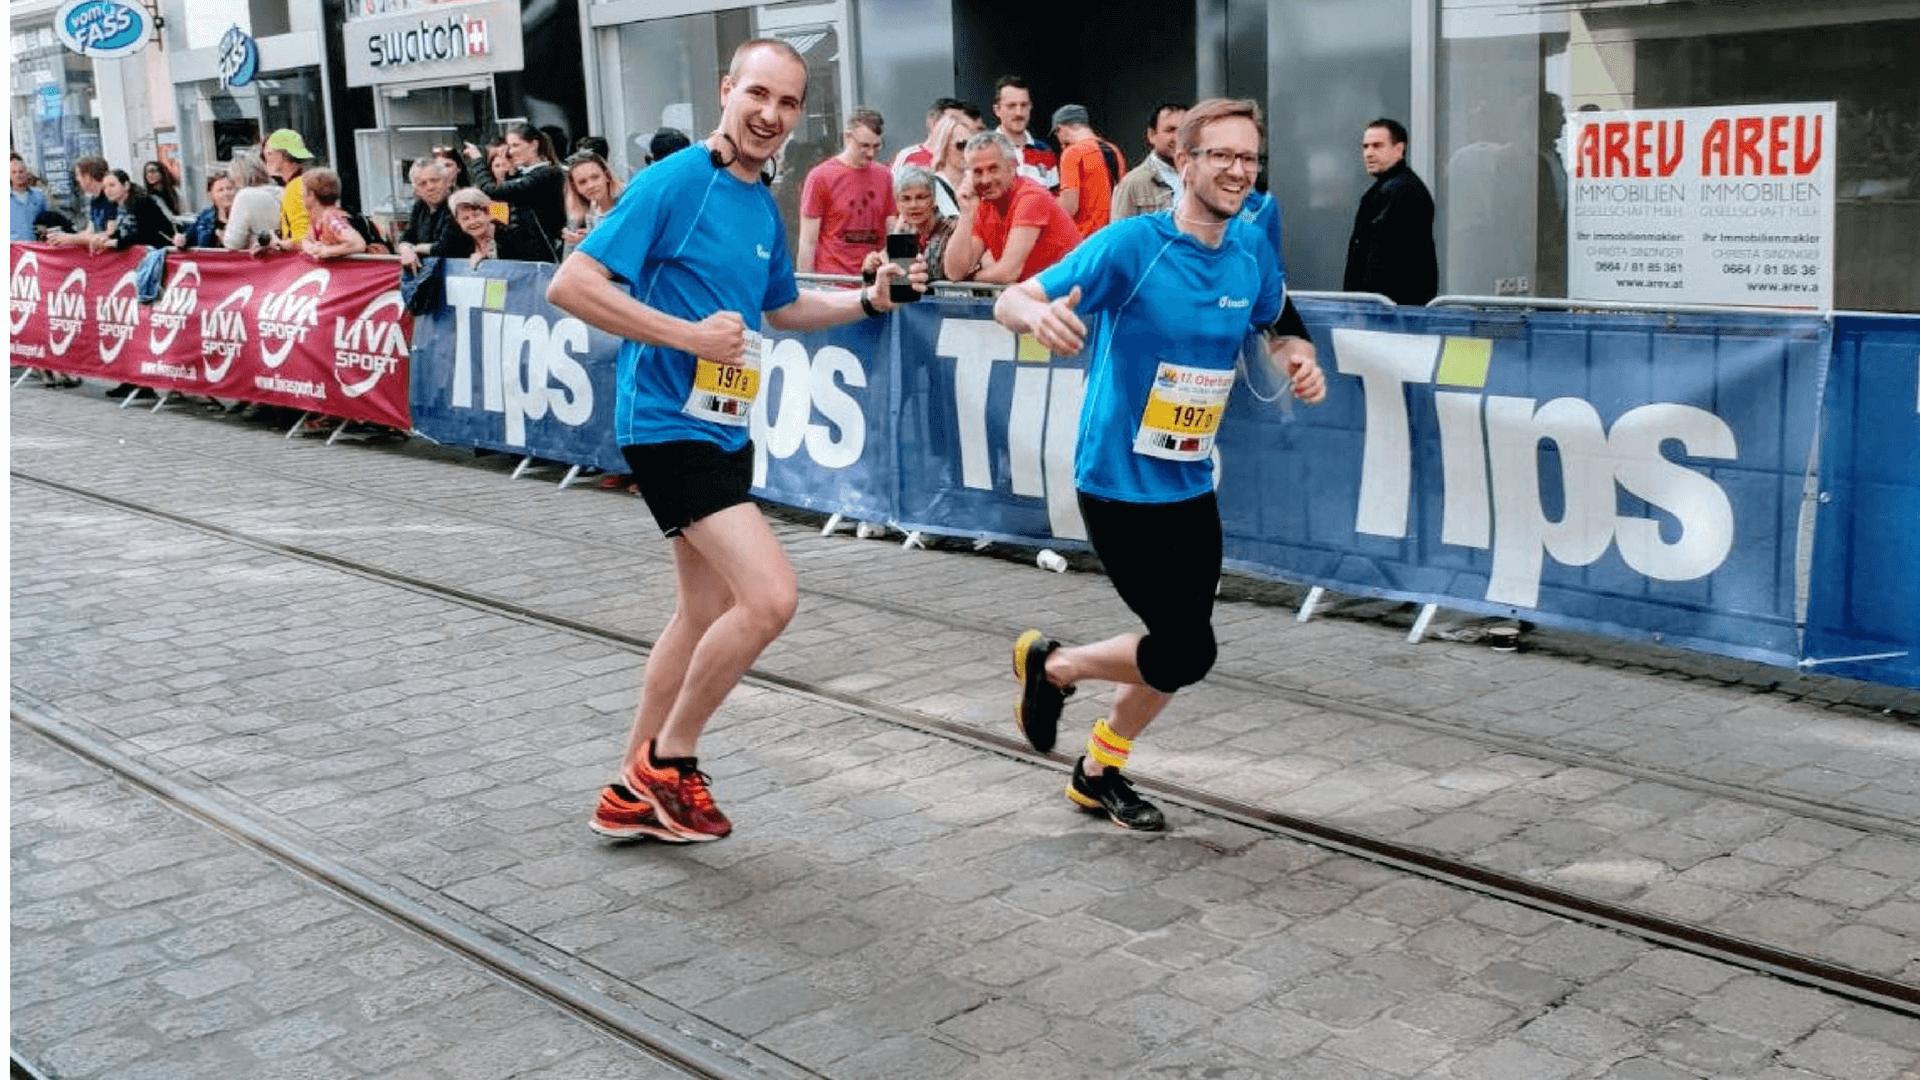 Teamsport beim Linz Marathon zwei Mitarbeiter laufen gemeinsam ins Ziel